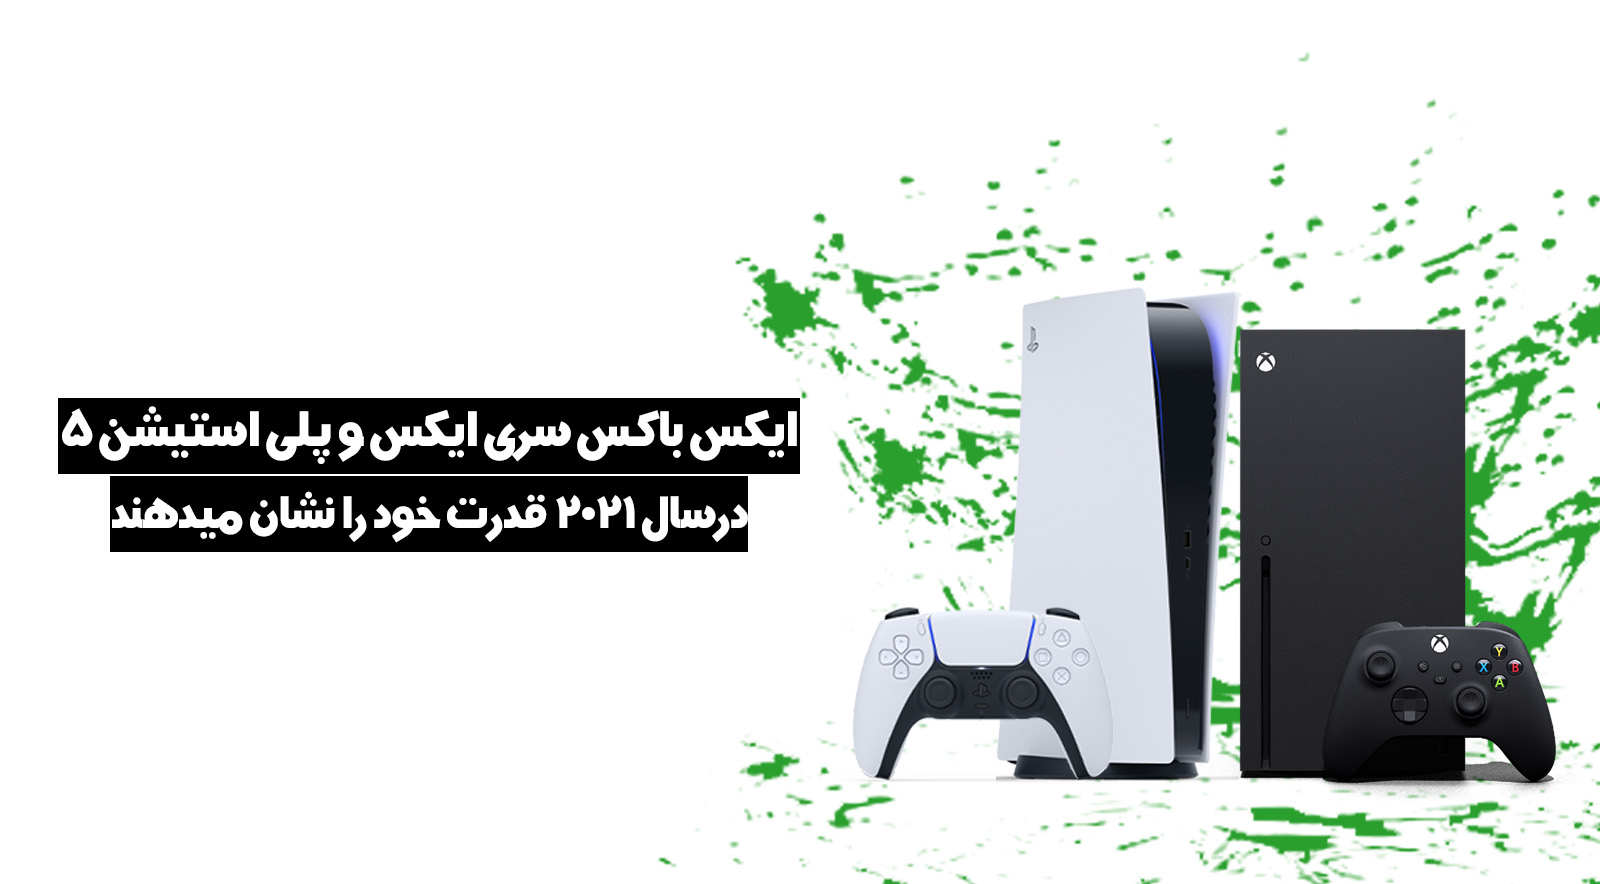 Ps5 و Xbox Series X در سال ۲۰۲۱ قدرت خود را نشان می دهند